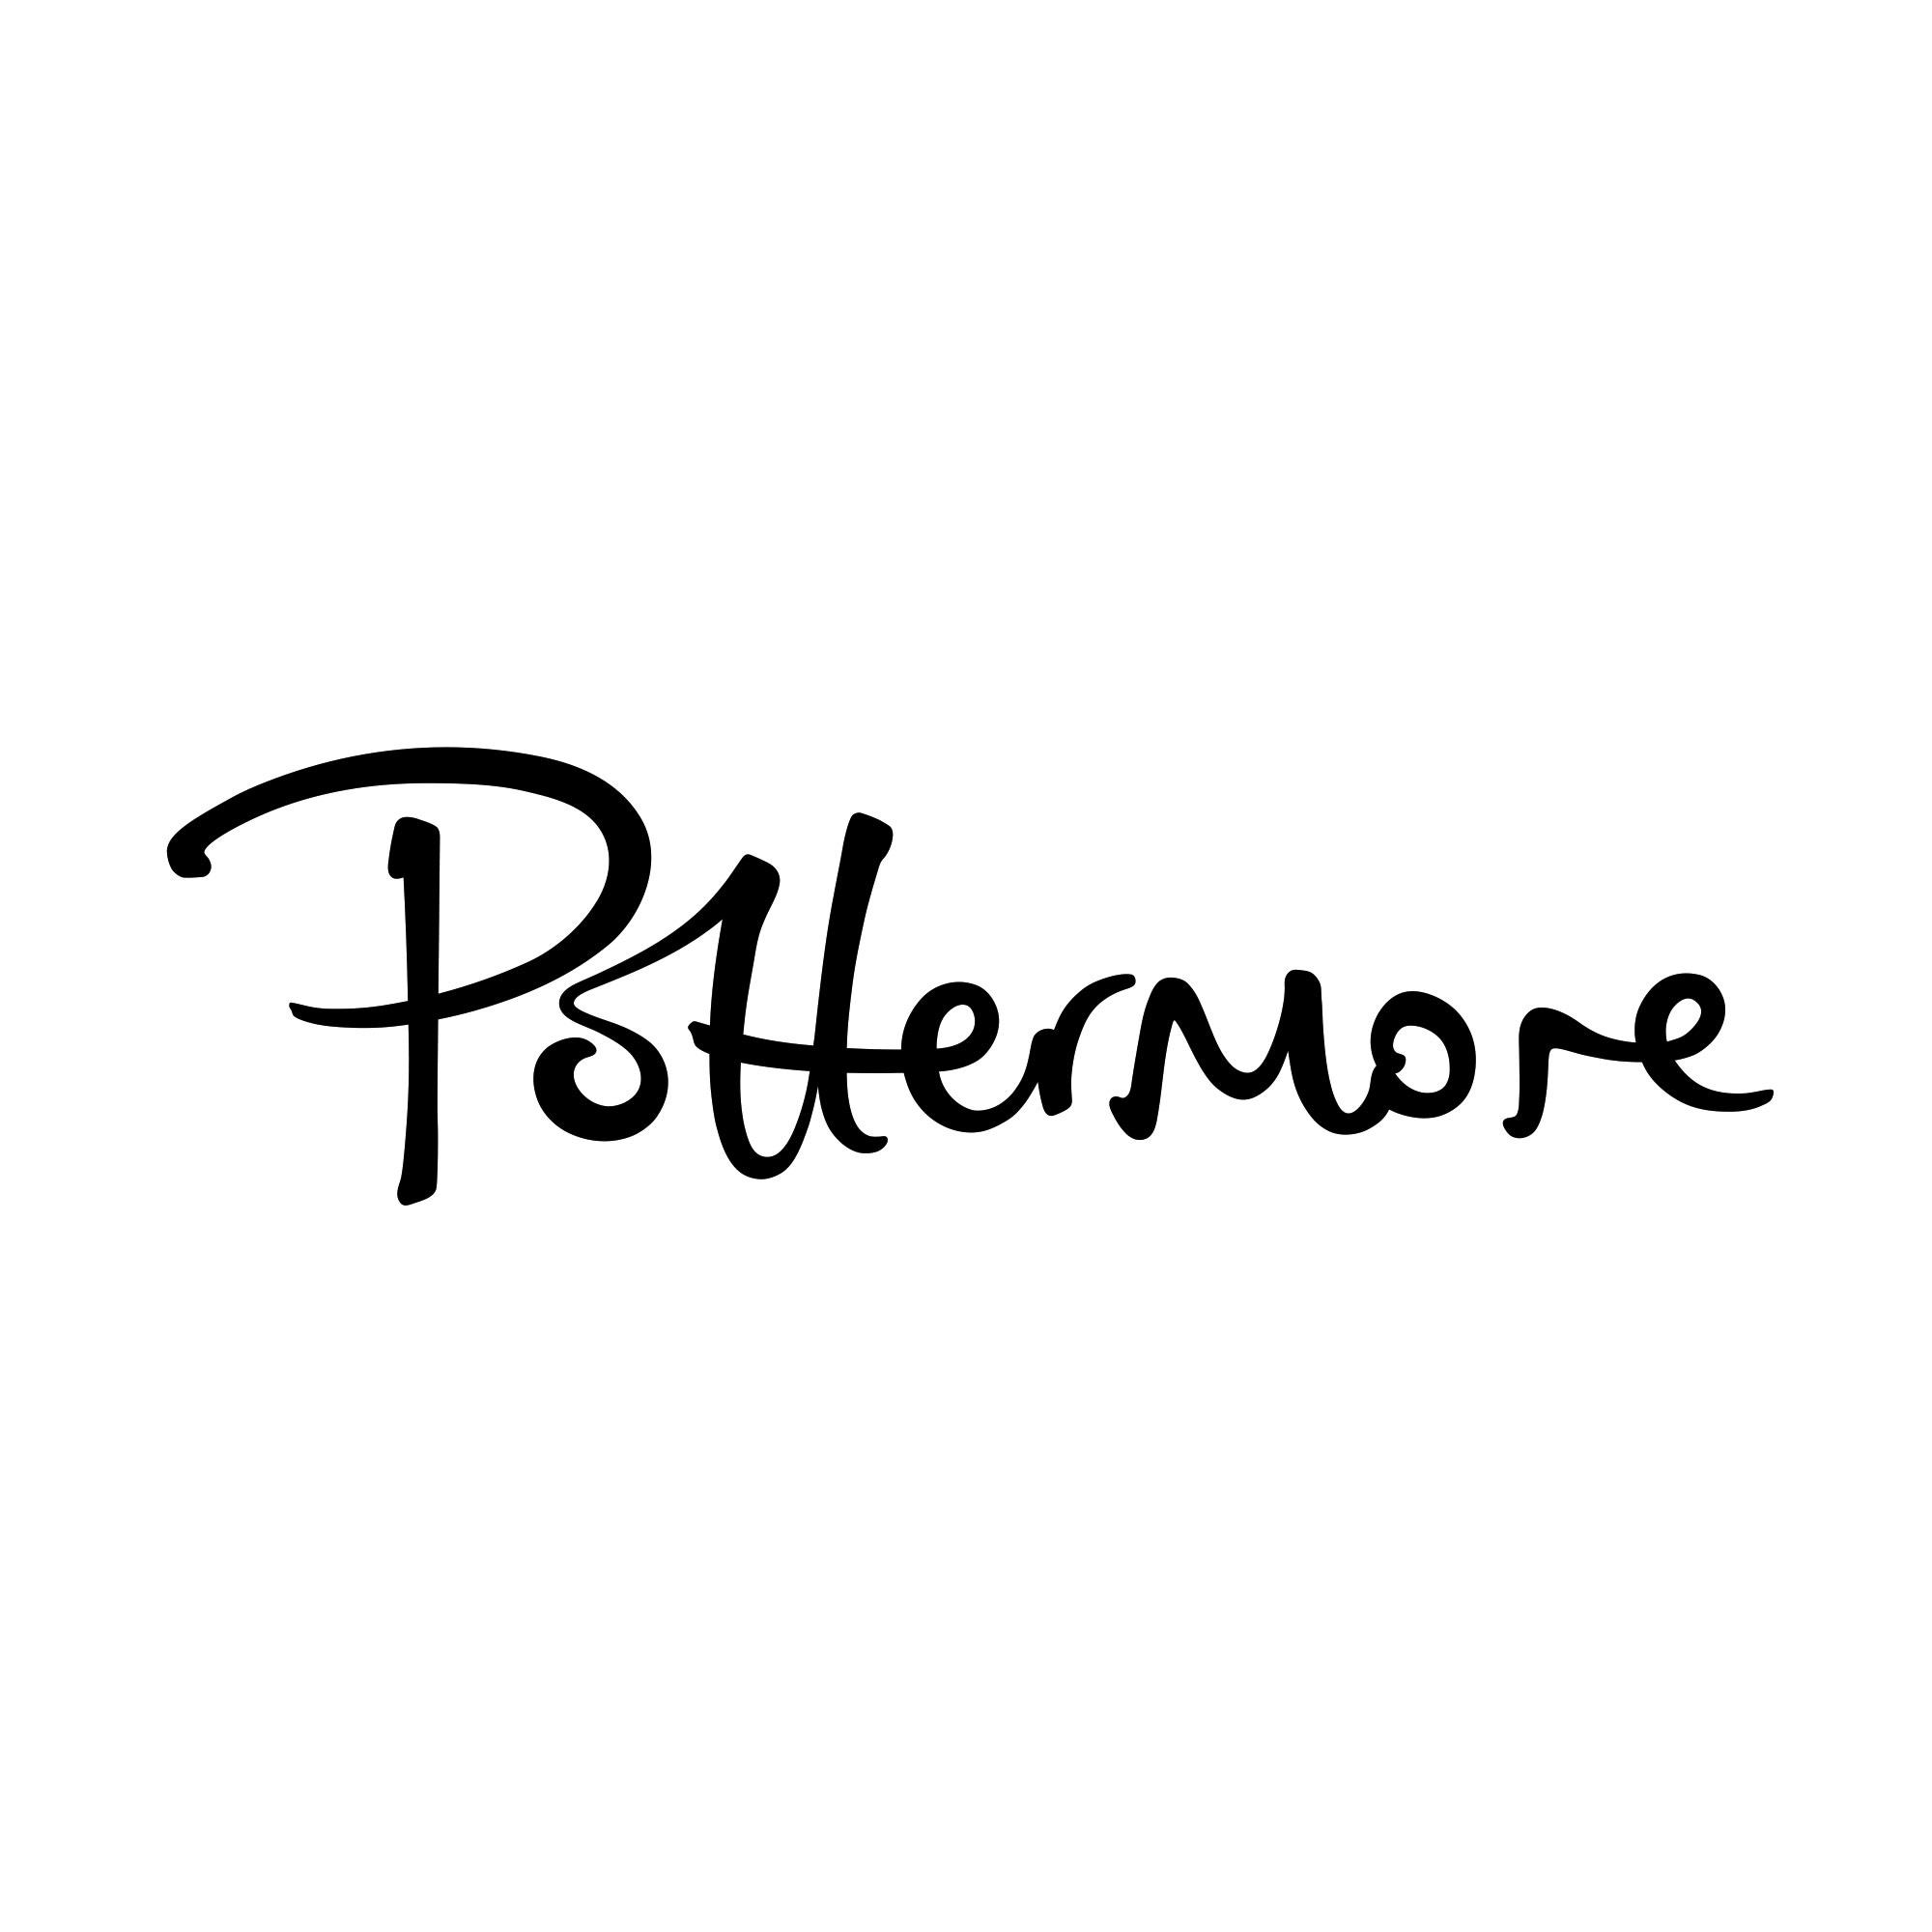 Pottermore, il cuore digitale del magico mondo di Harry Potter, è l'unica attività della Rowling in perdita. La scrittrice conta di portarlo in attivo piuttosto rapidamente.